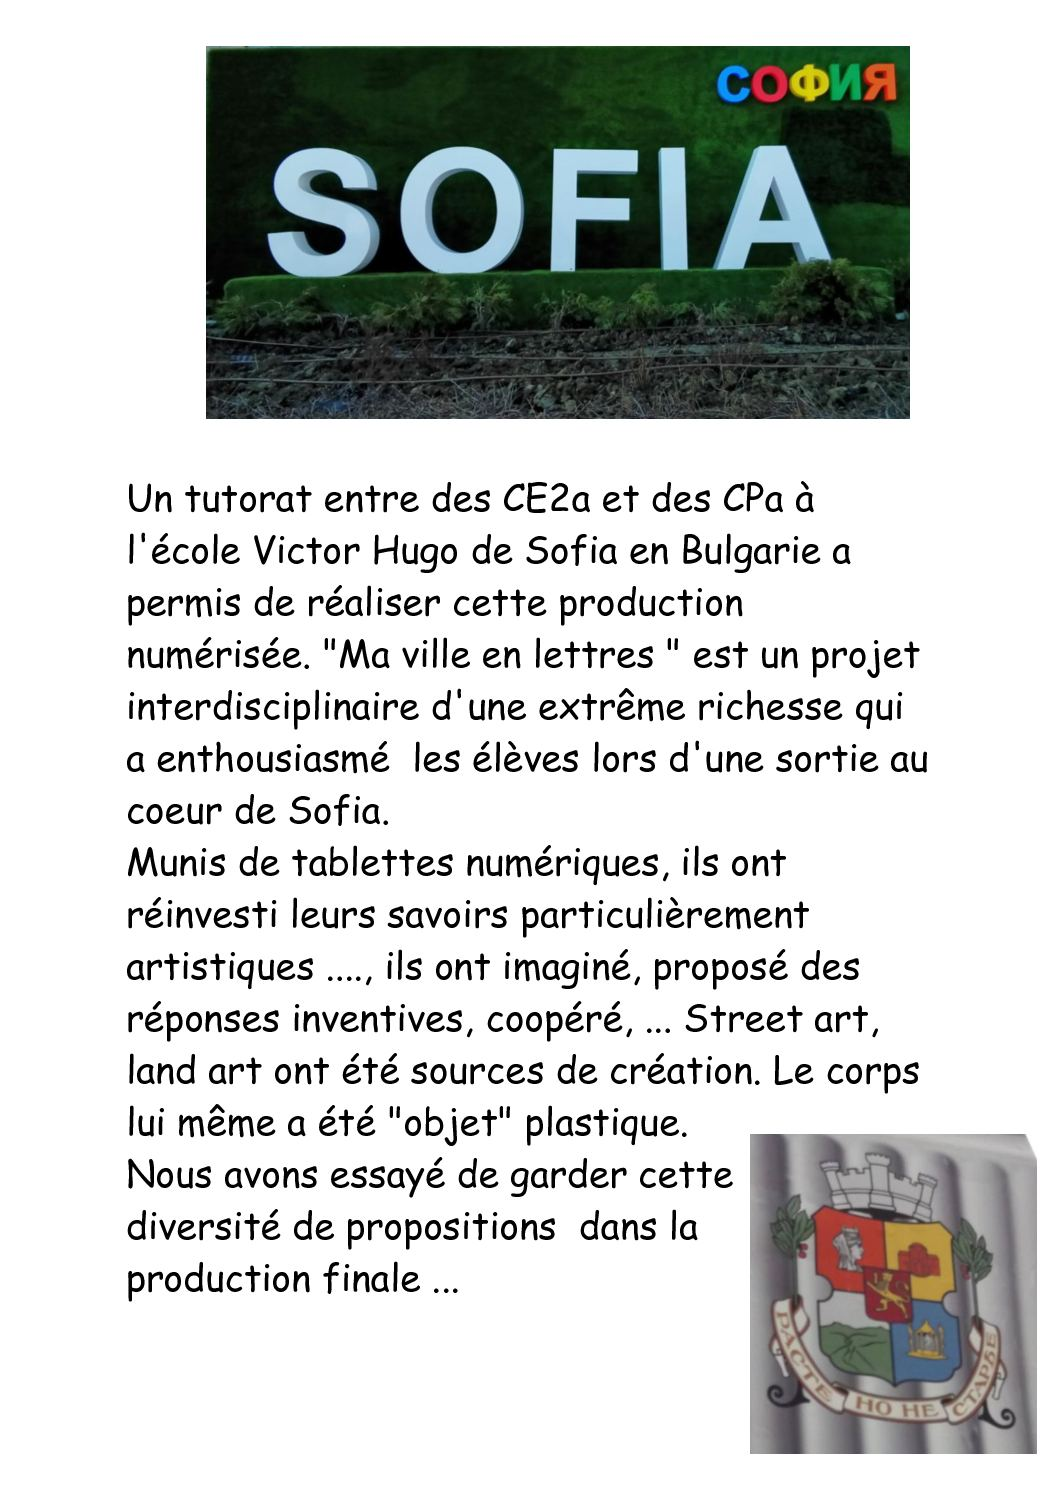 calam o ma ville en lettres par les cp et les ce2 de sofia en bulgarie. Black Bedroom Furniture Sets. Home Design Ideas